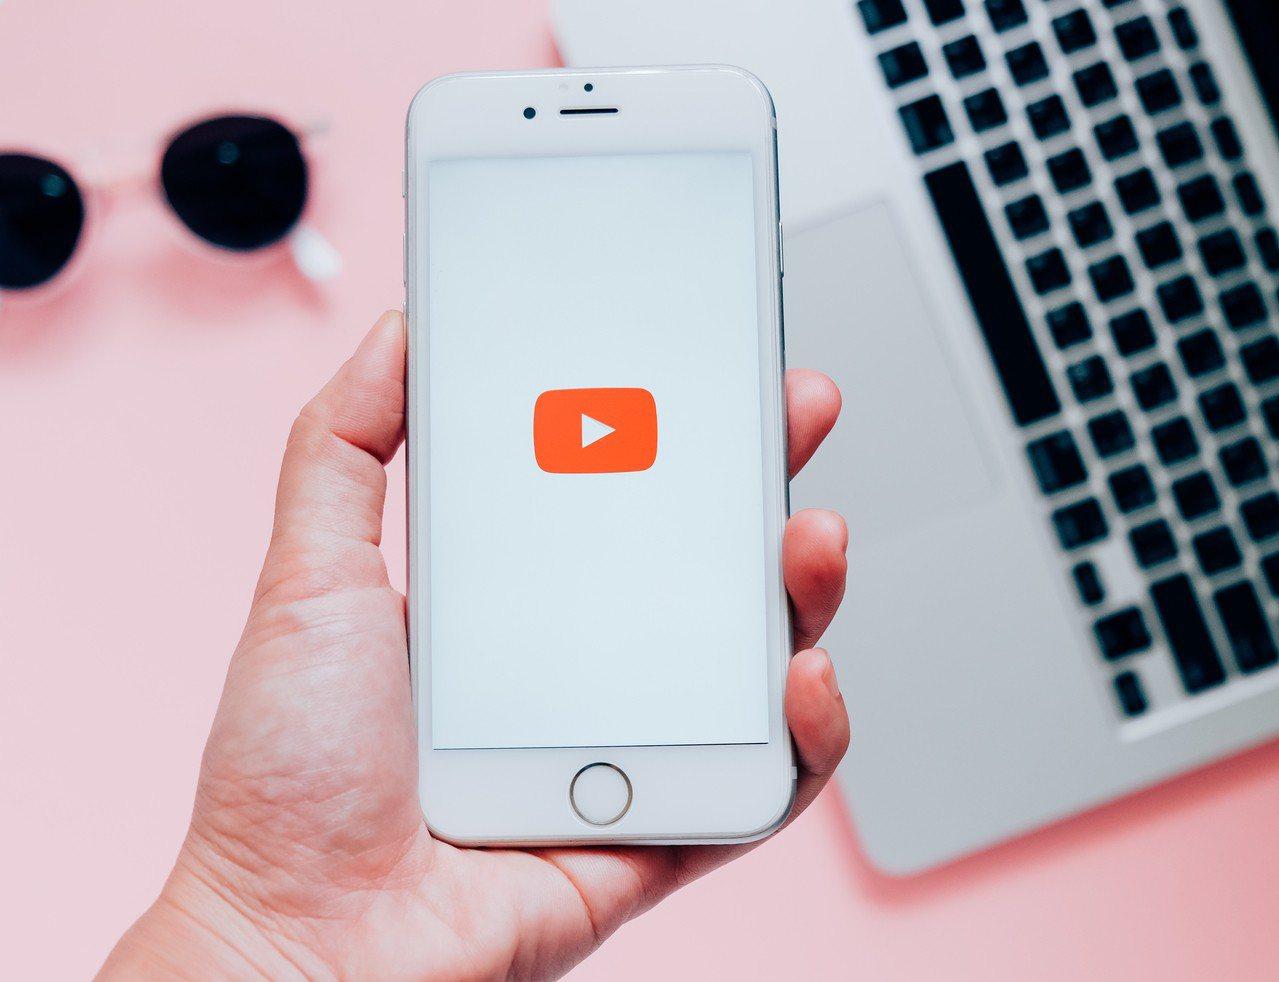 奧地利法院判決,影音分享平台YouTube對使用者上傳的影片侵犯著作權需負部分責...